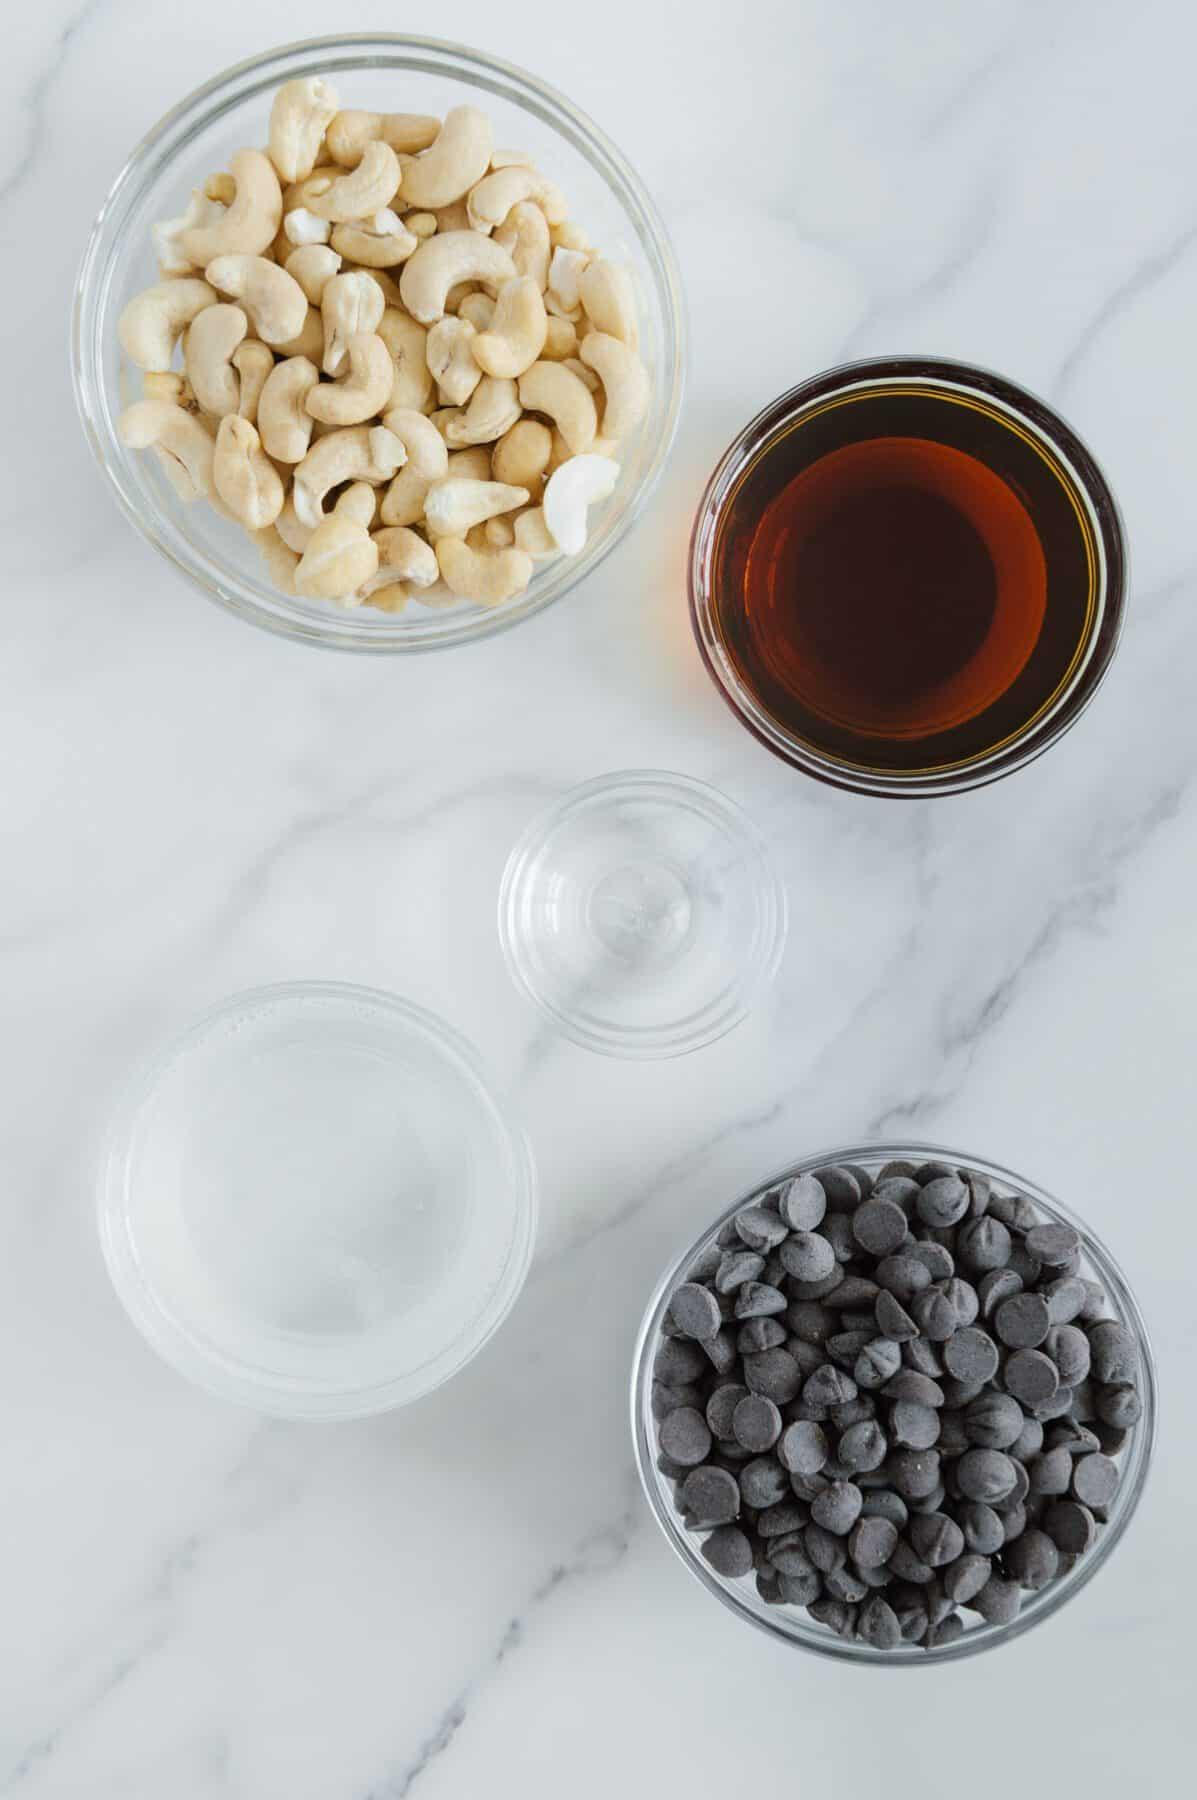 Vegan Peppermint Patties Ingredients